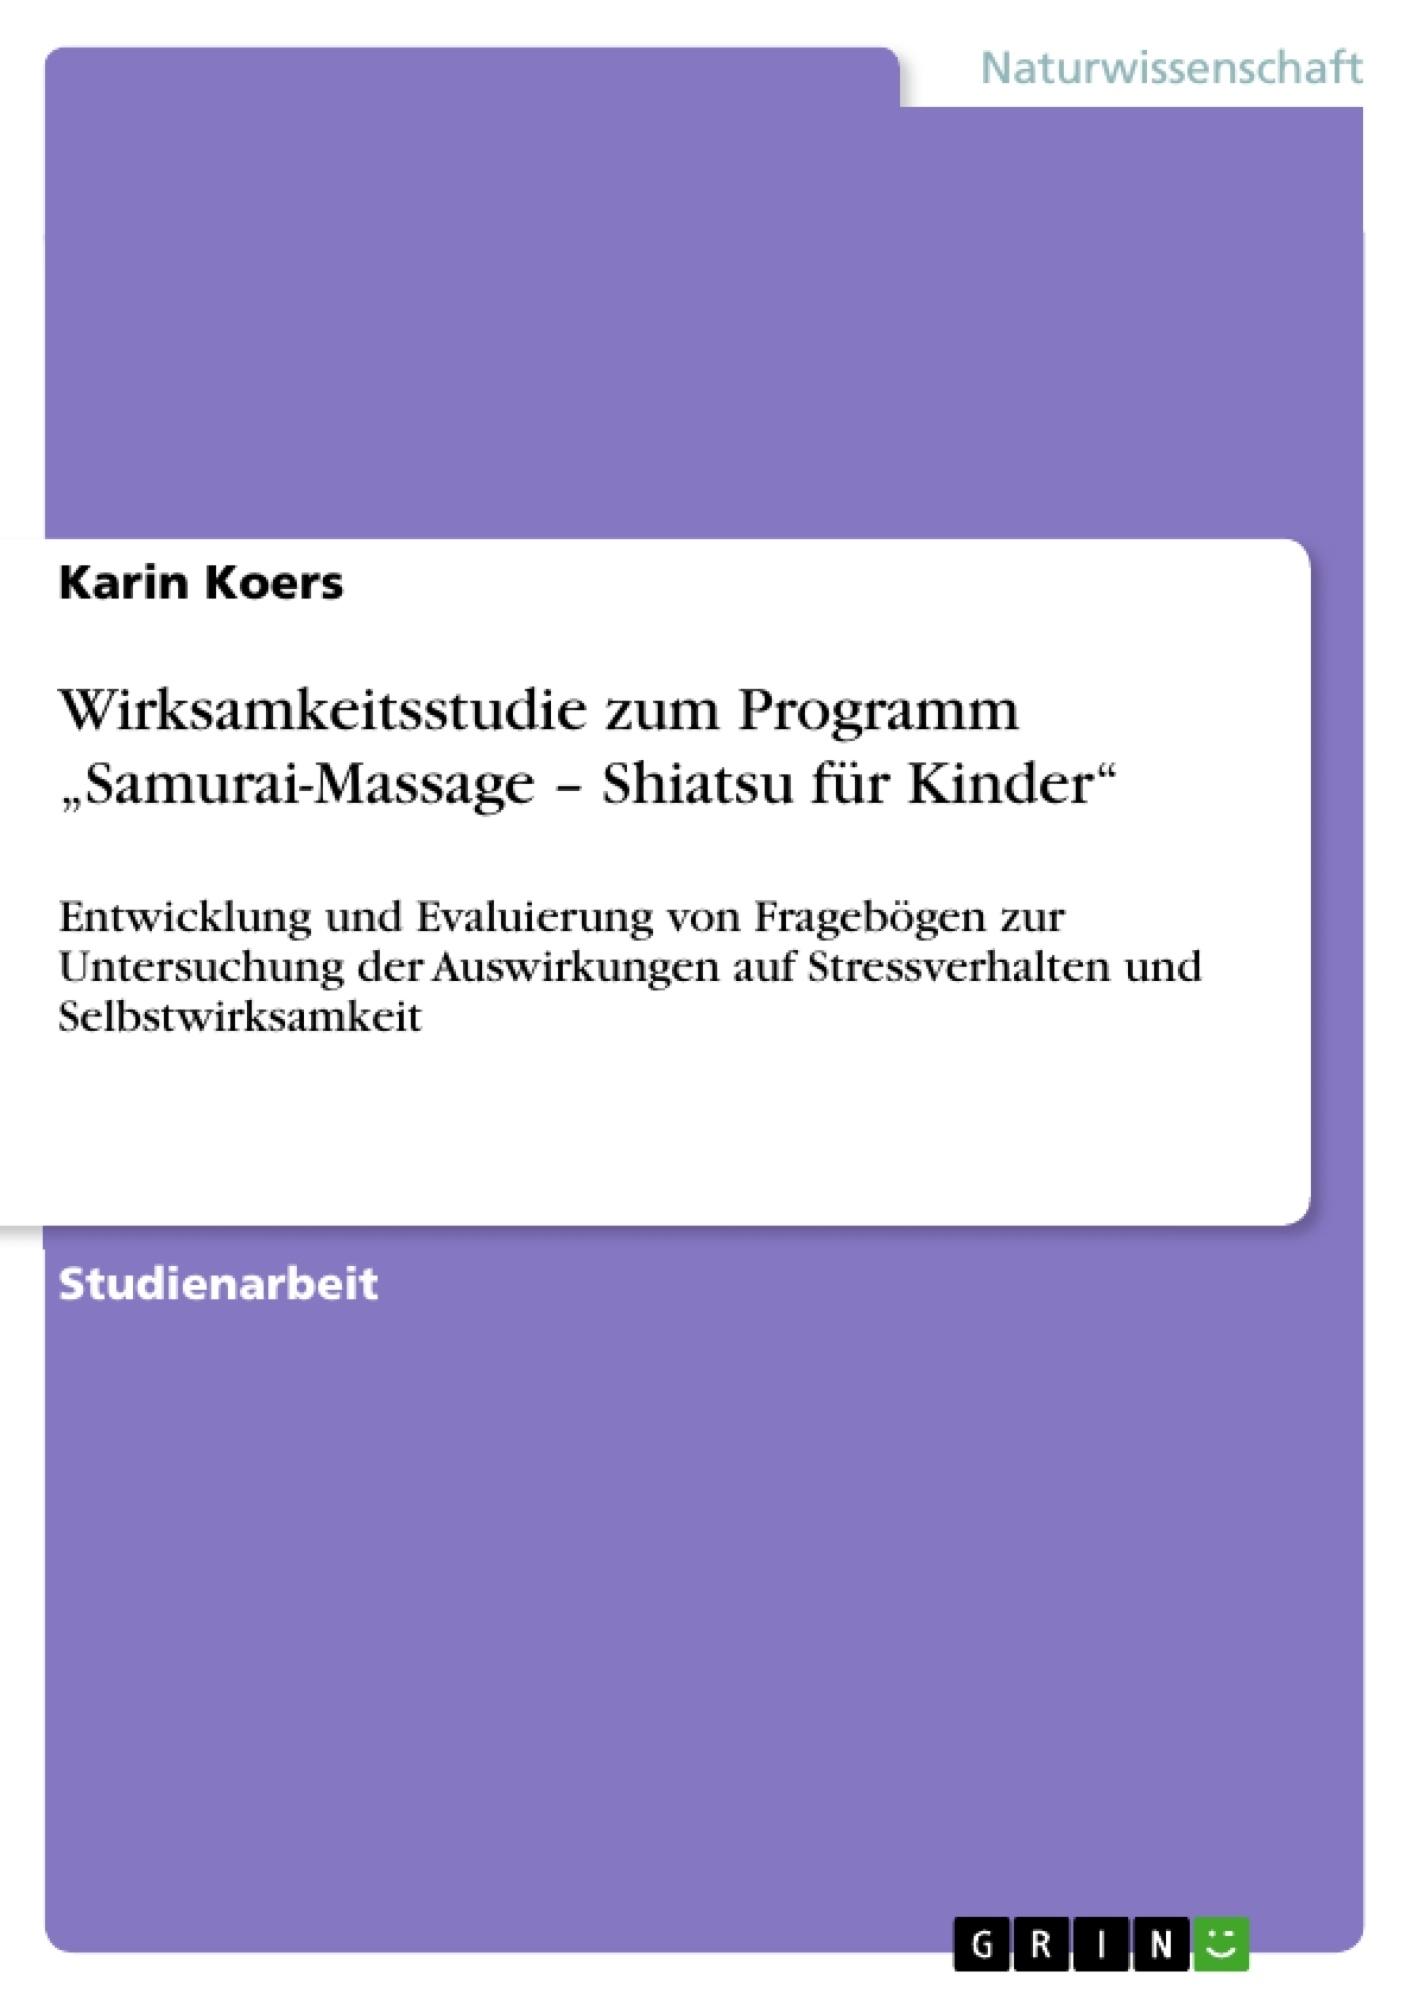 """Titel: Wirksamkeitsstudie zum Programm """"Samurai-Massage – Shiatsu für Kinder"""""""